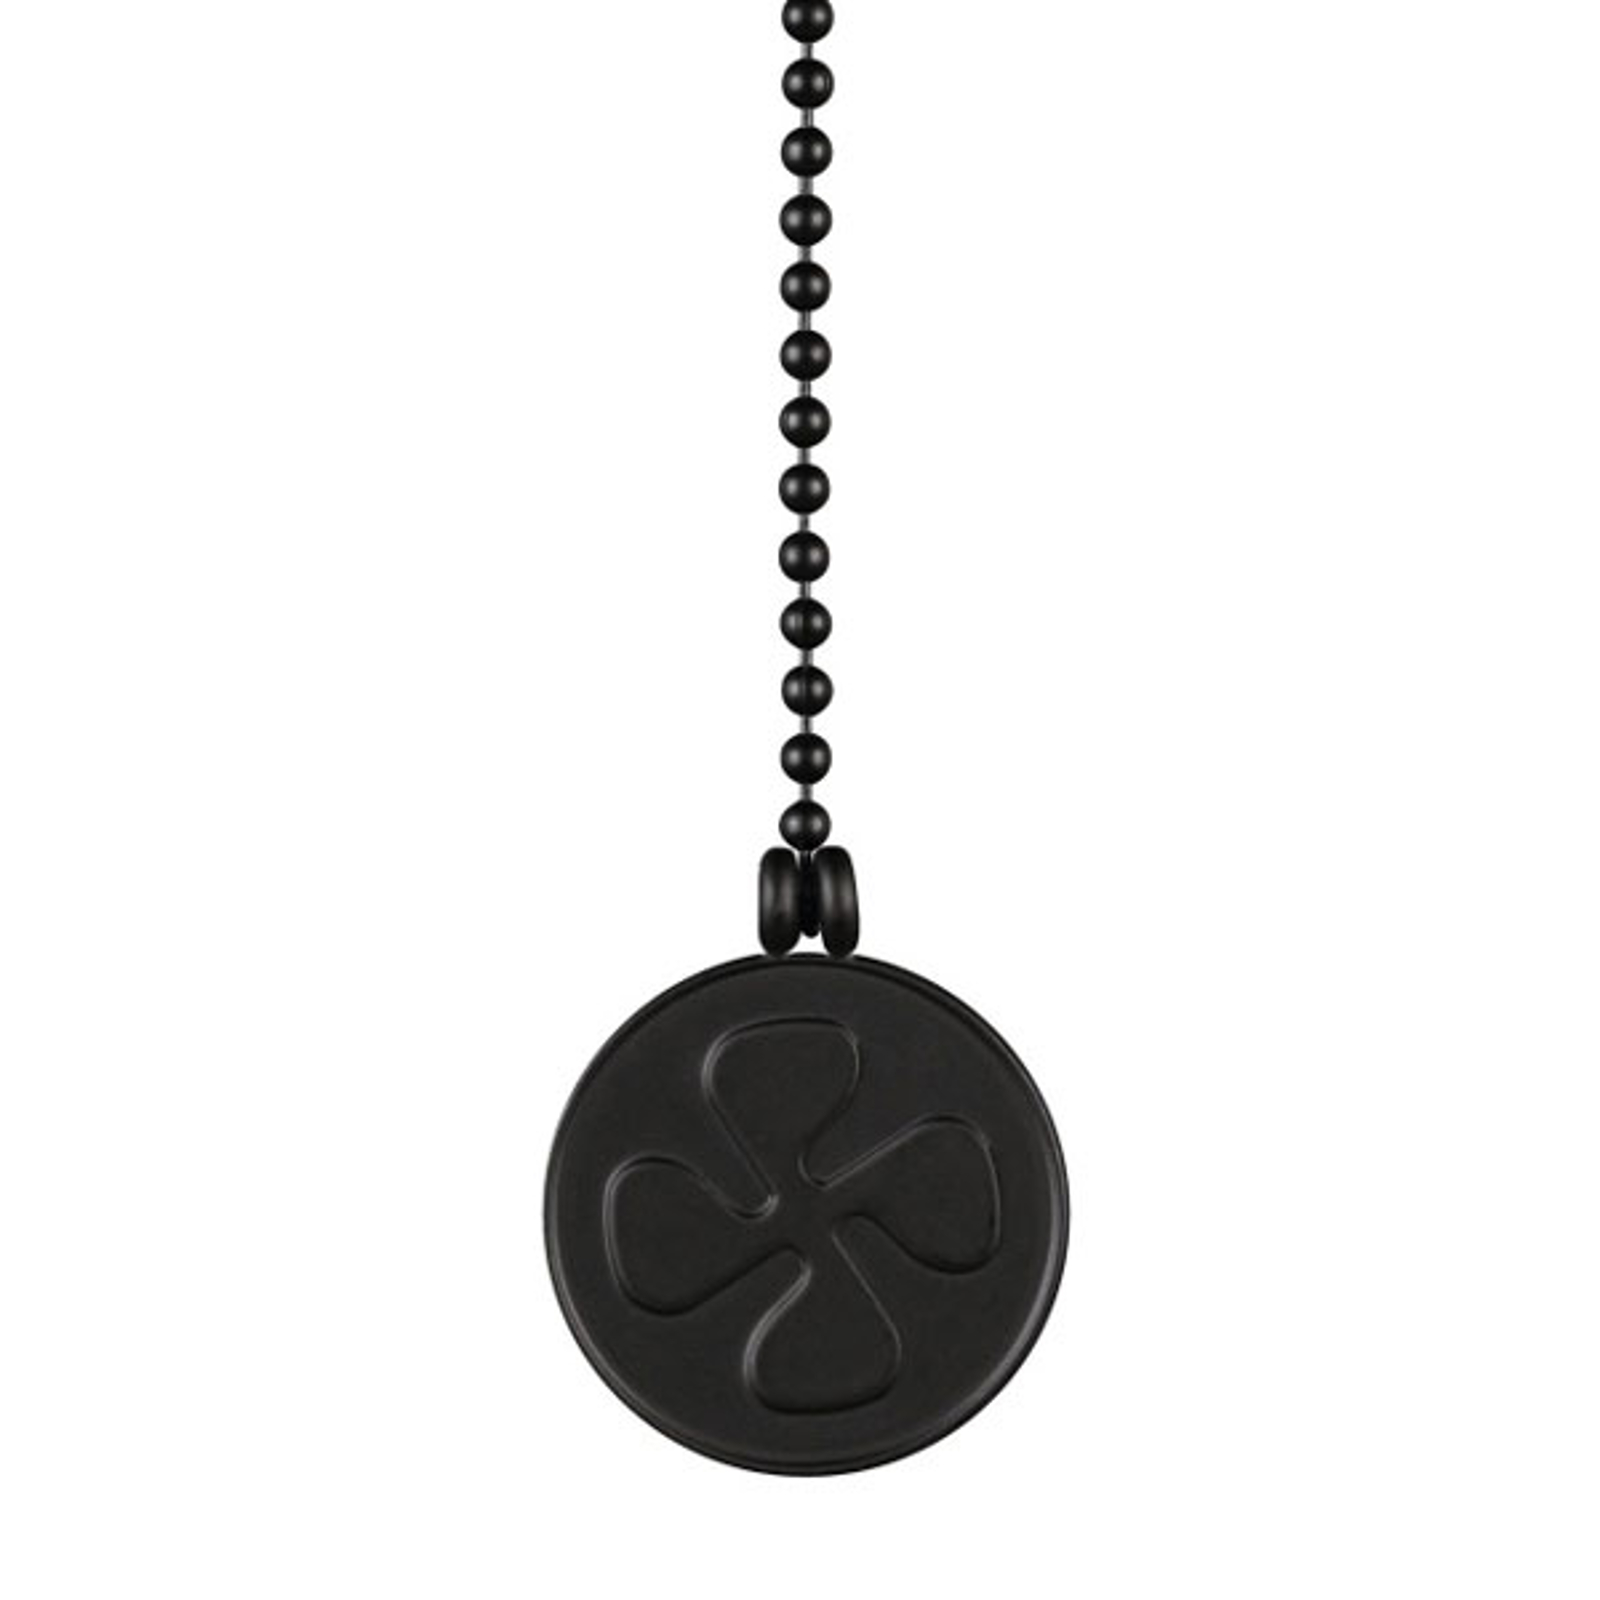 Westinghouse Viftemedaljong kjede svart